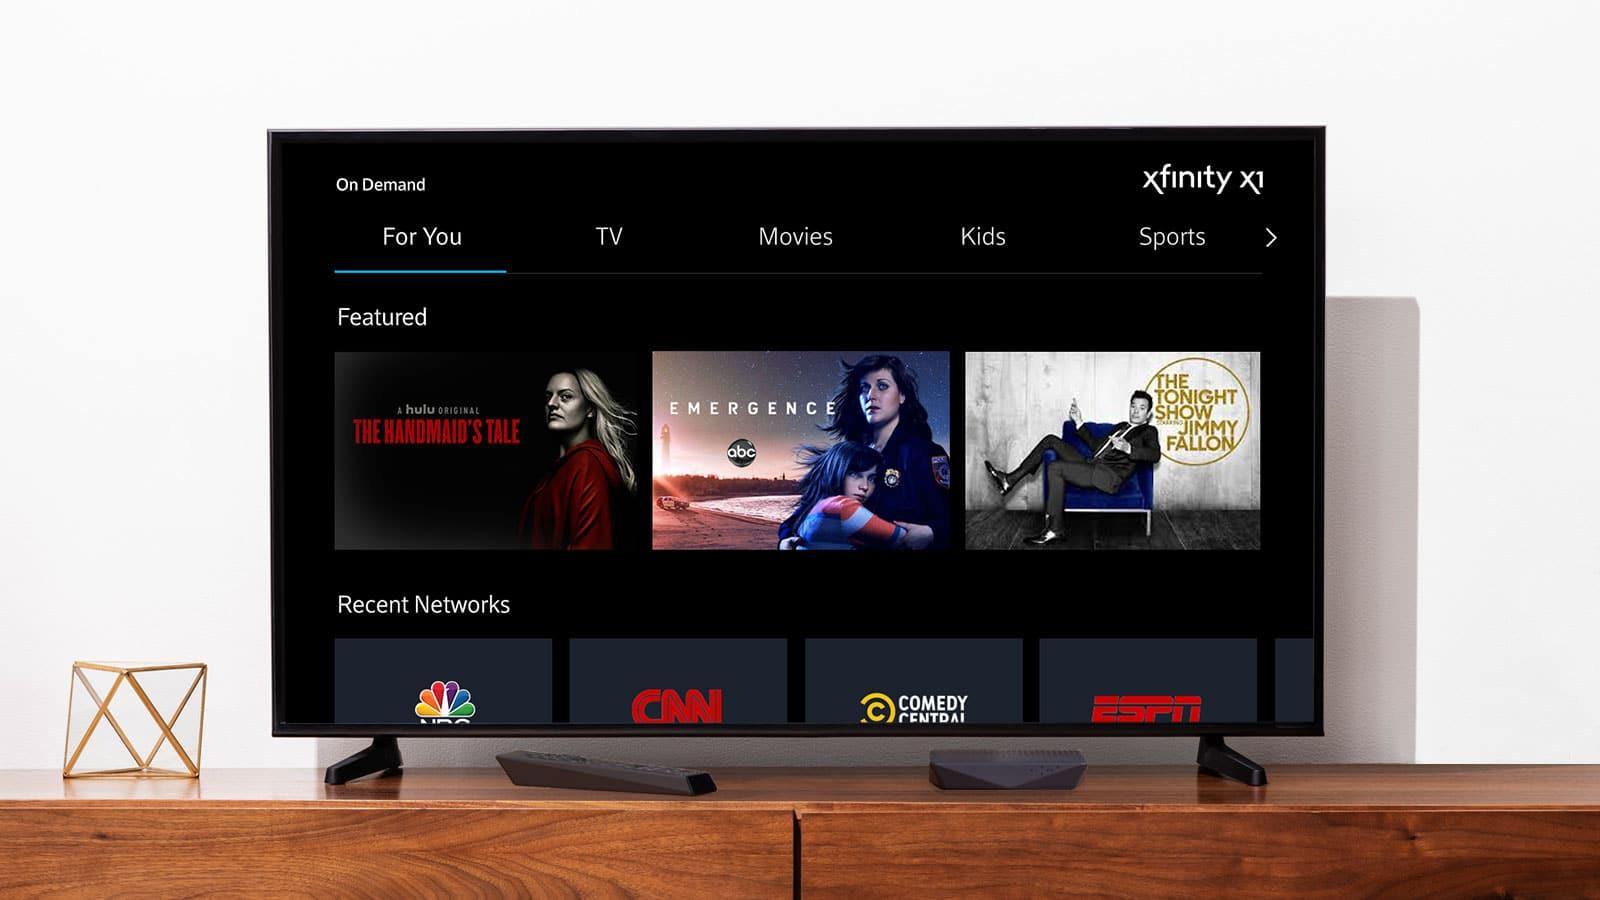 Hulu On Xfinity X1